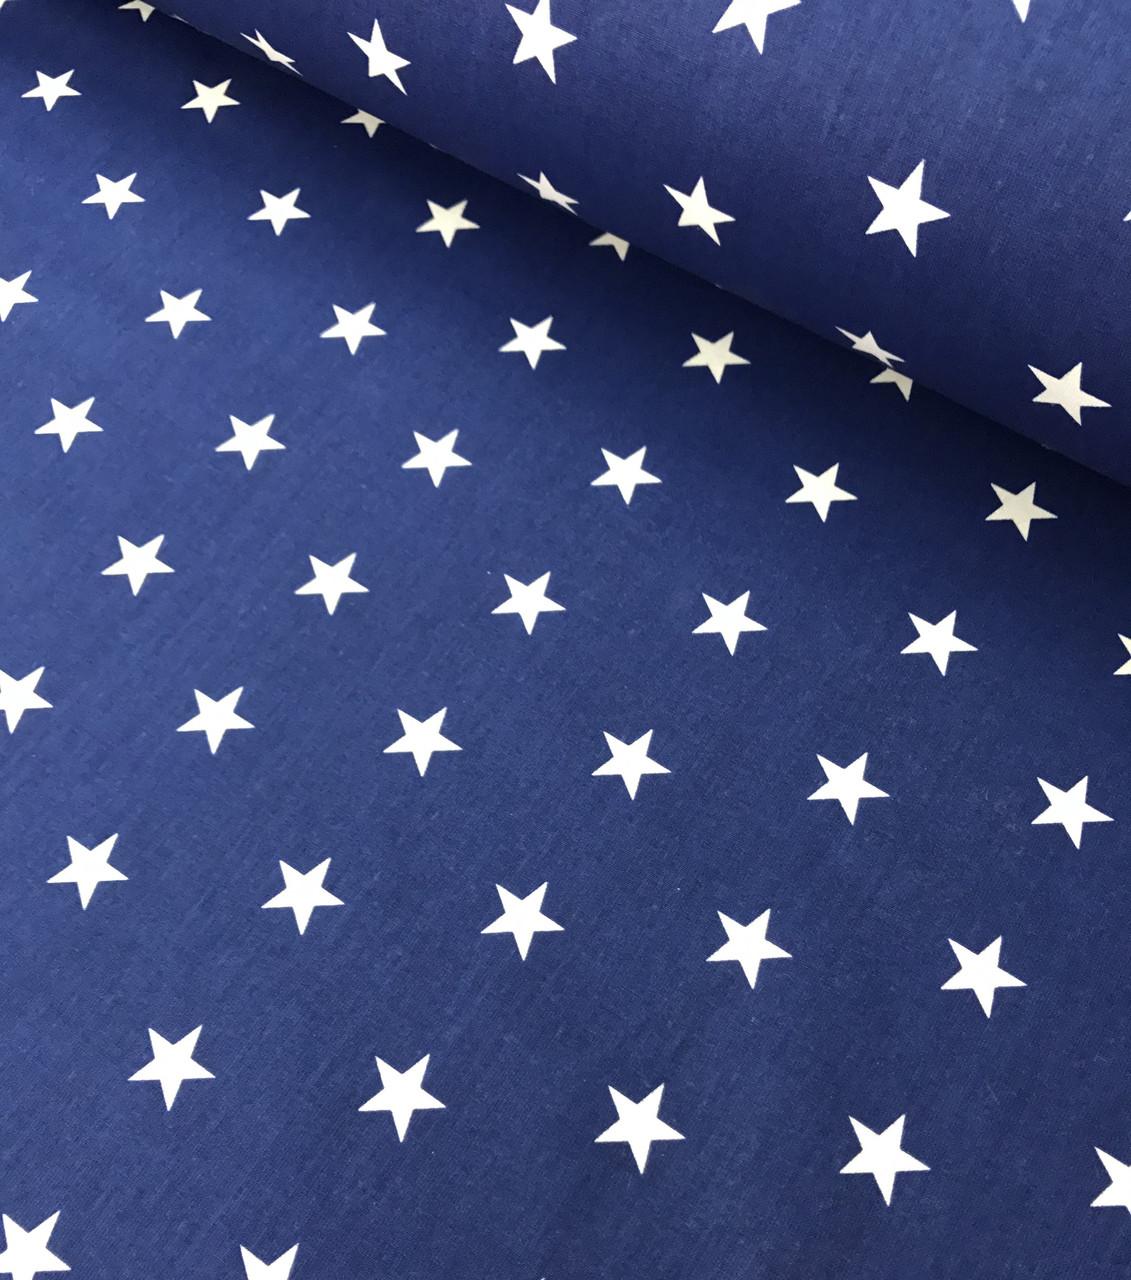 Хлопковая ткань  белые звезды на синем частые №183